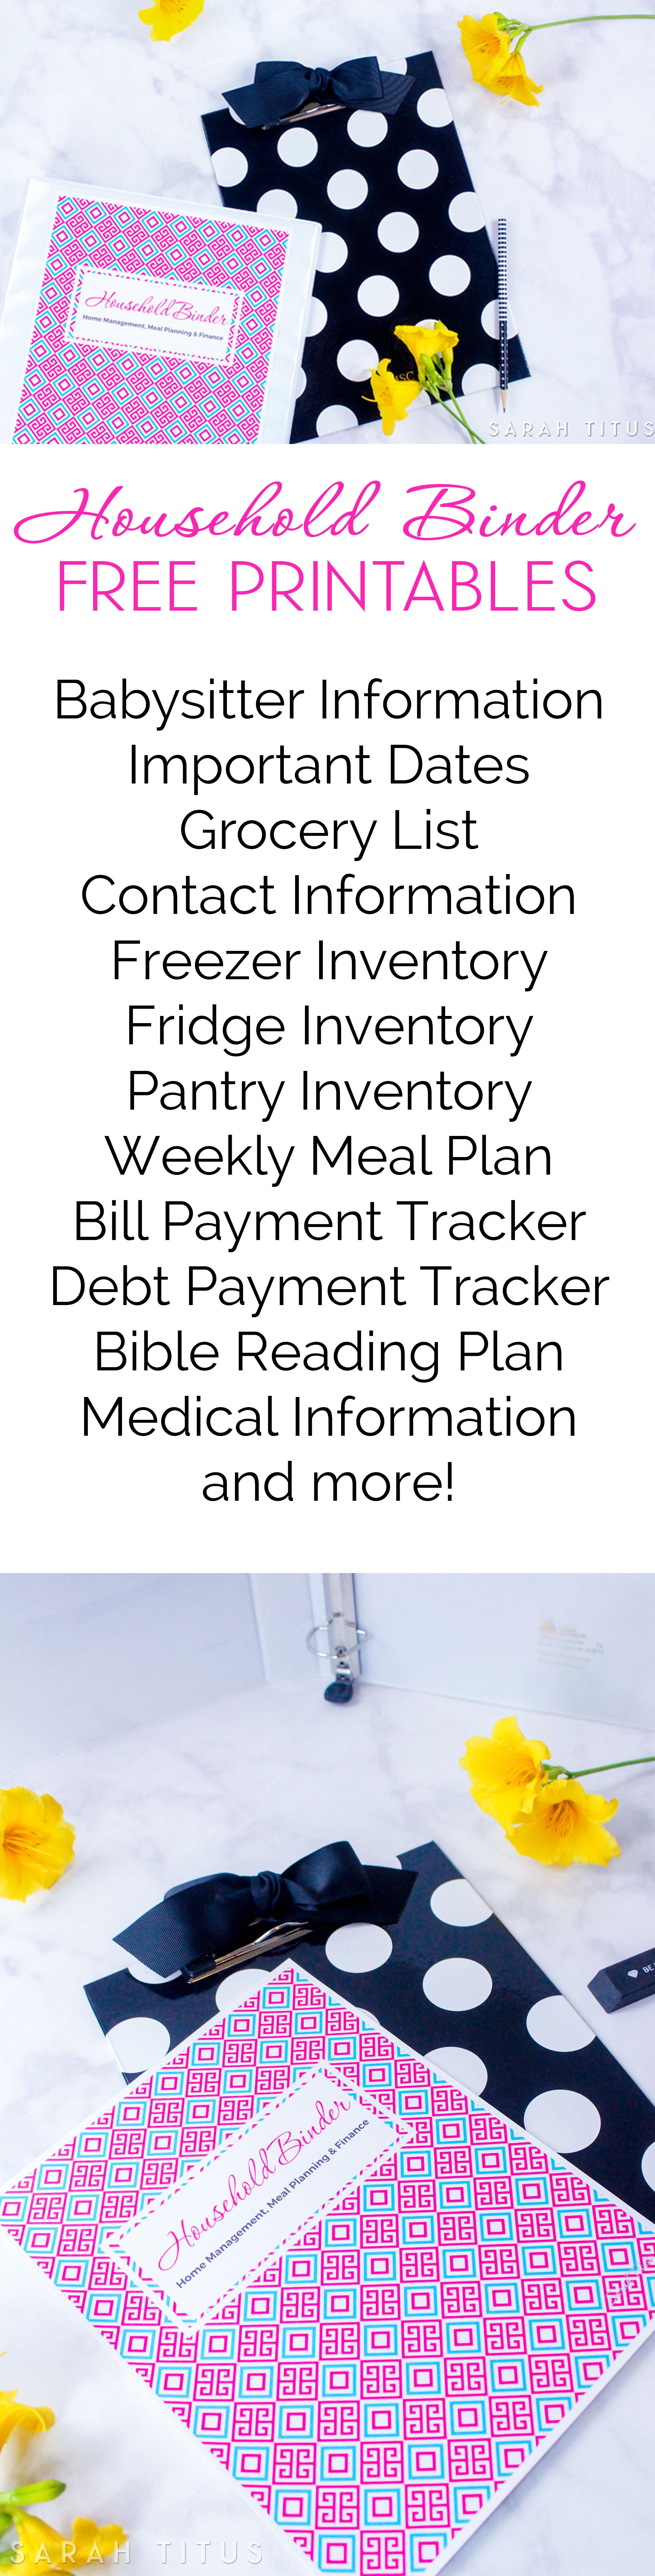 Household Binder Free Printables - Sarah Titus - Free Home Organization Binder Printables